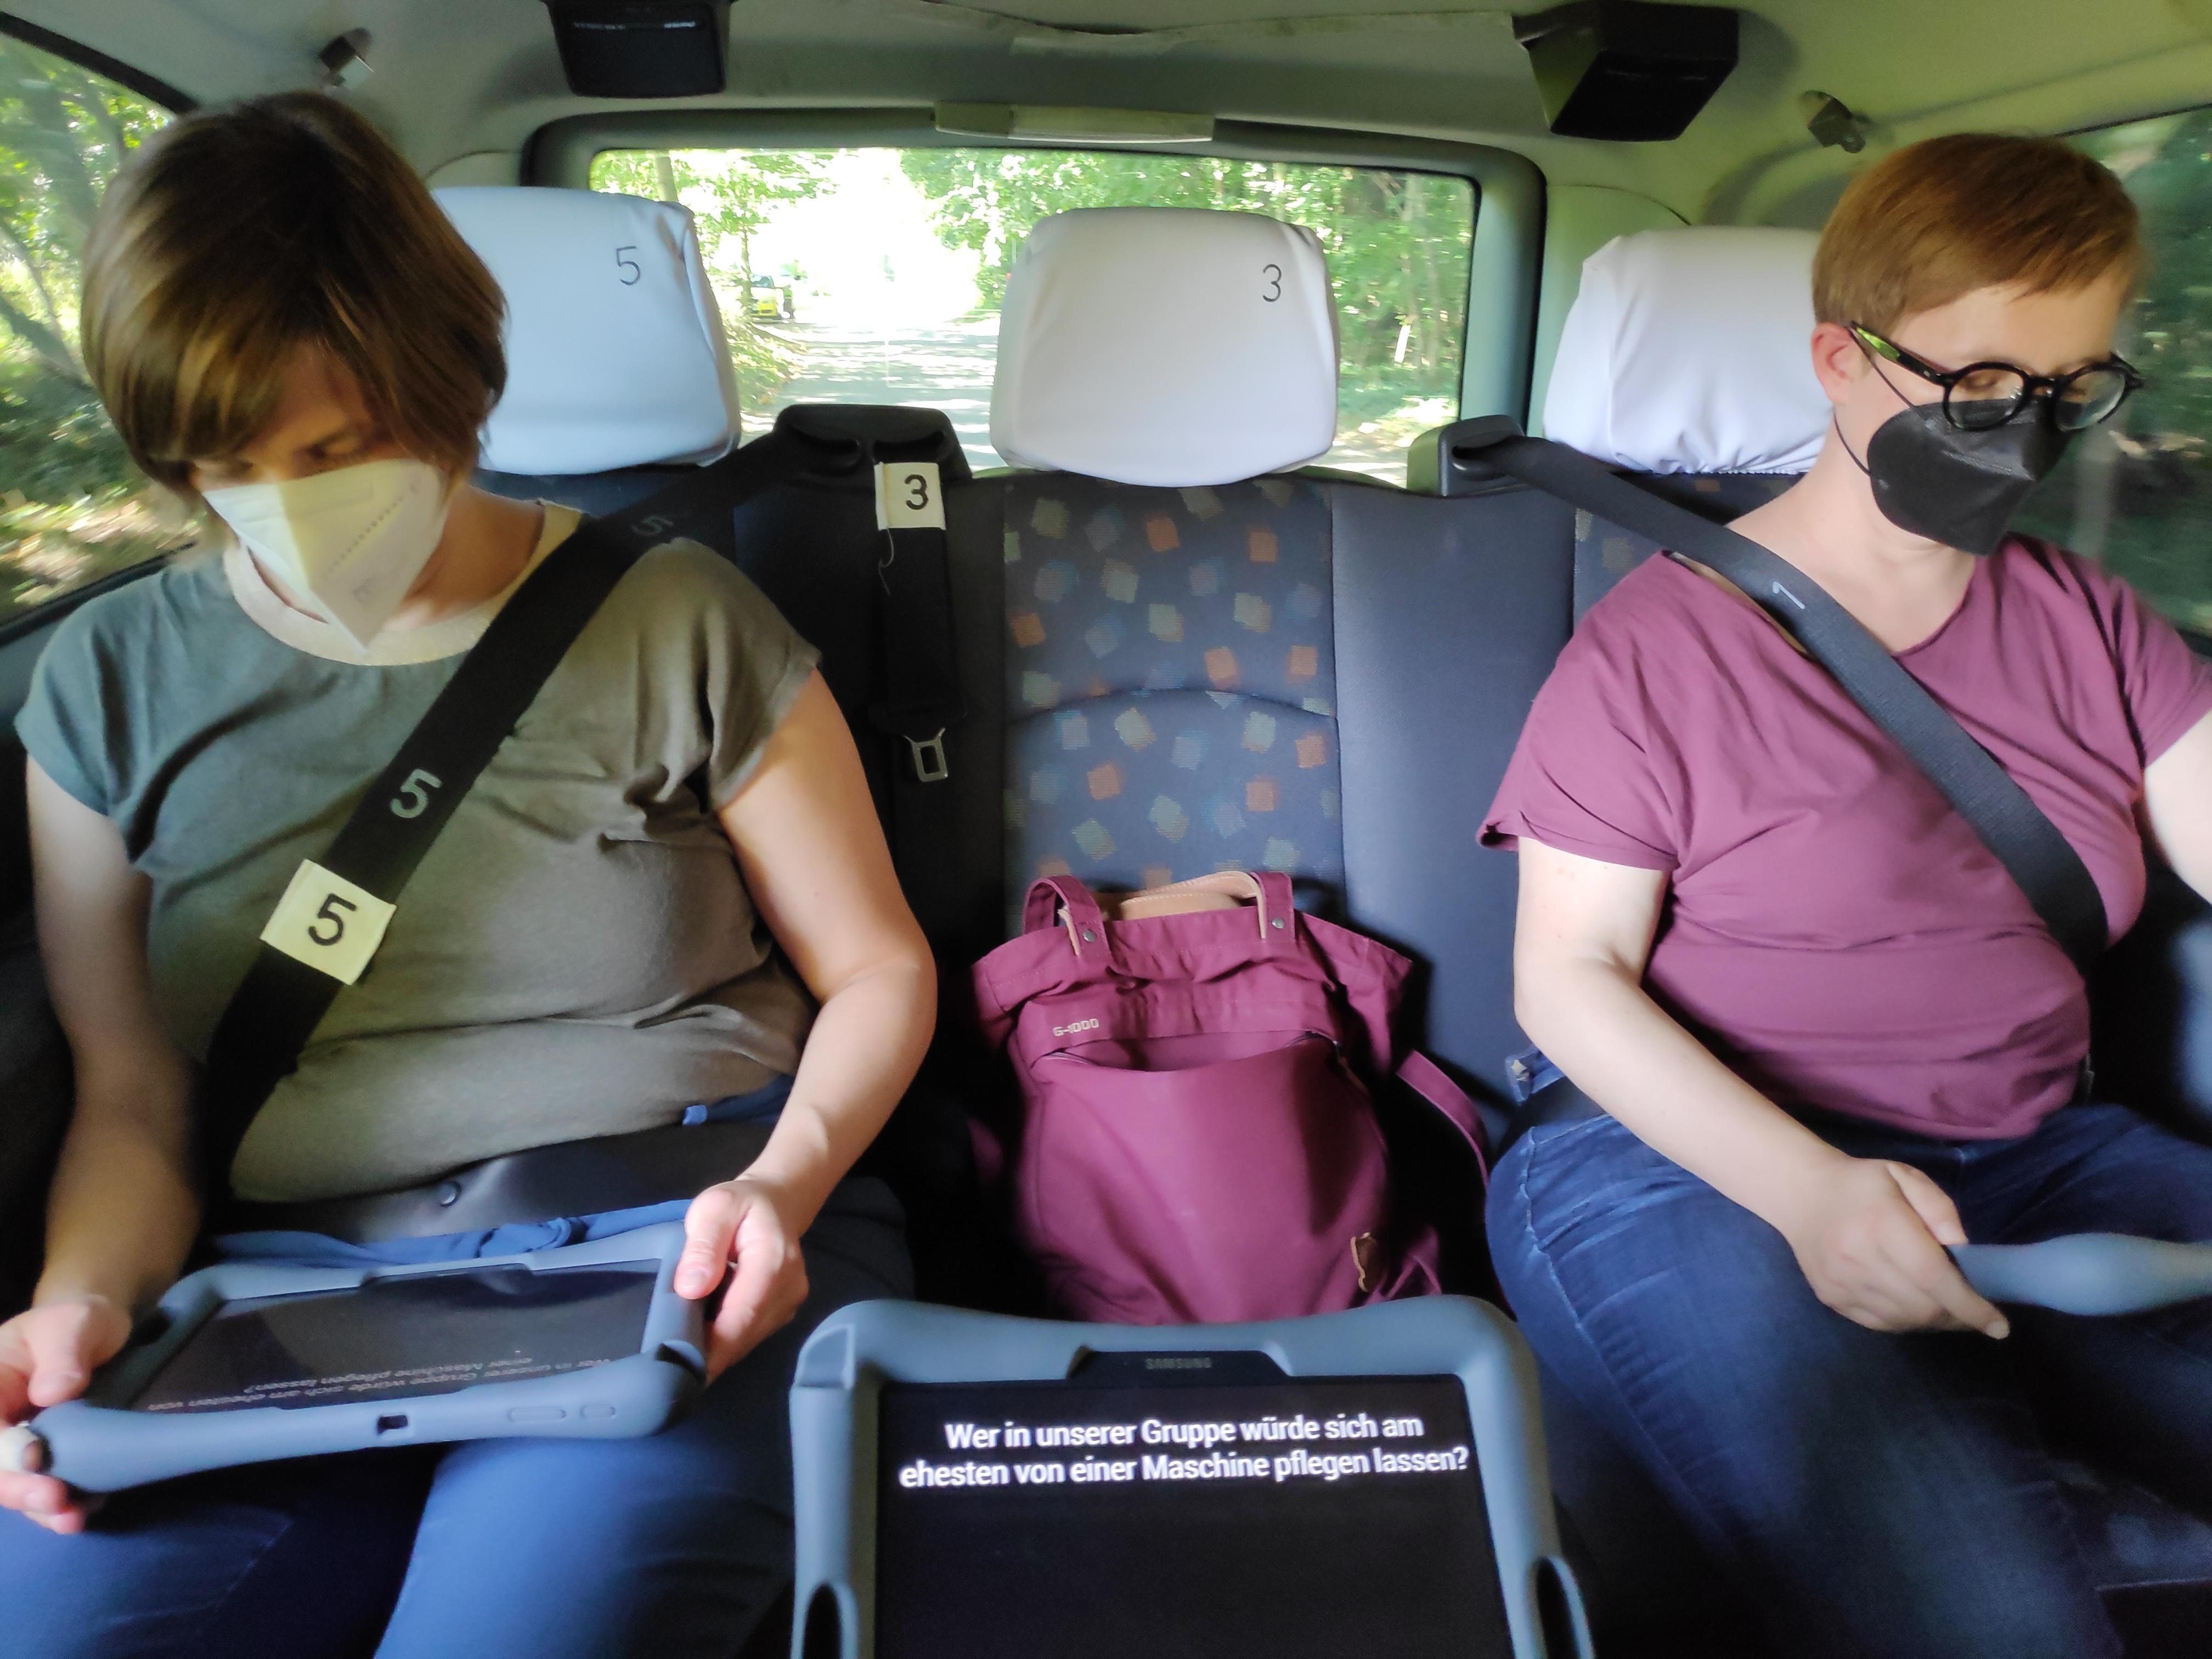 Fahrt durch Potsdam: Die Fahrgäste kommunizieren mit der vermeintlichen KI über diese Tablet-PCs.